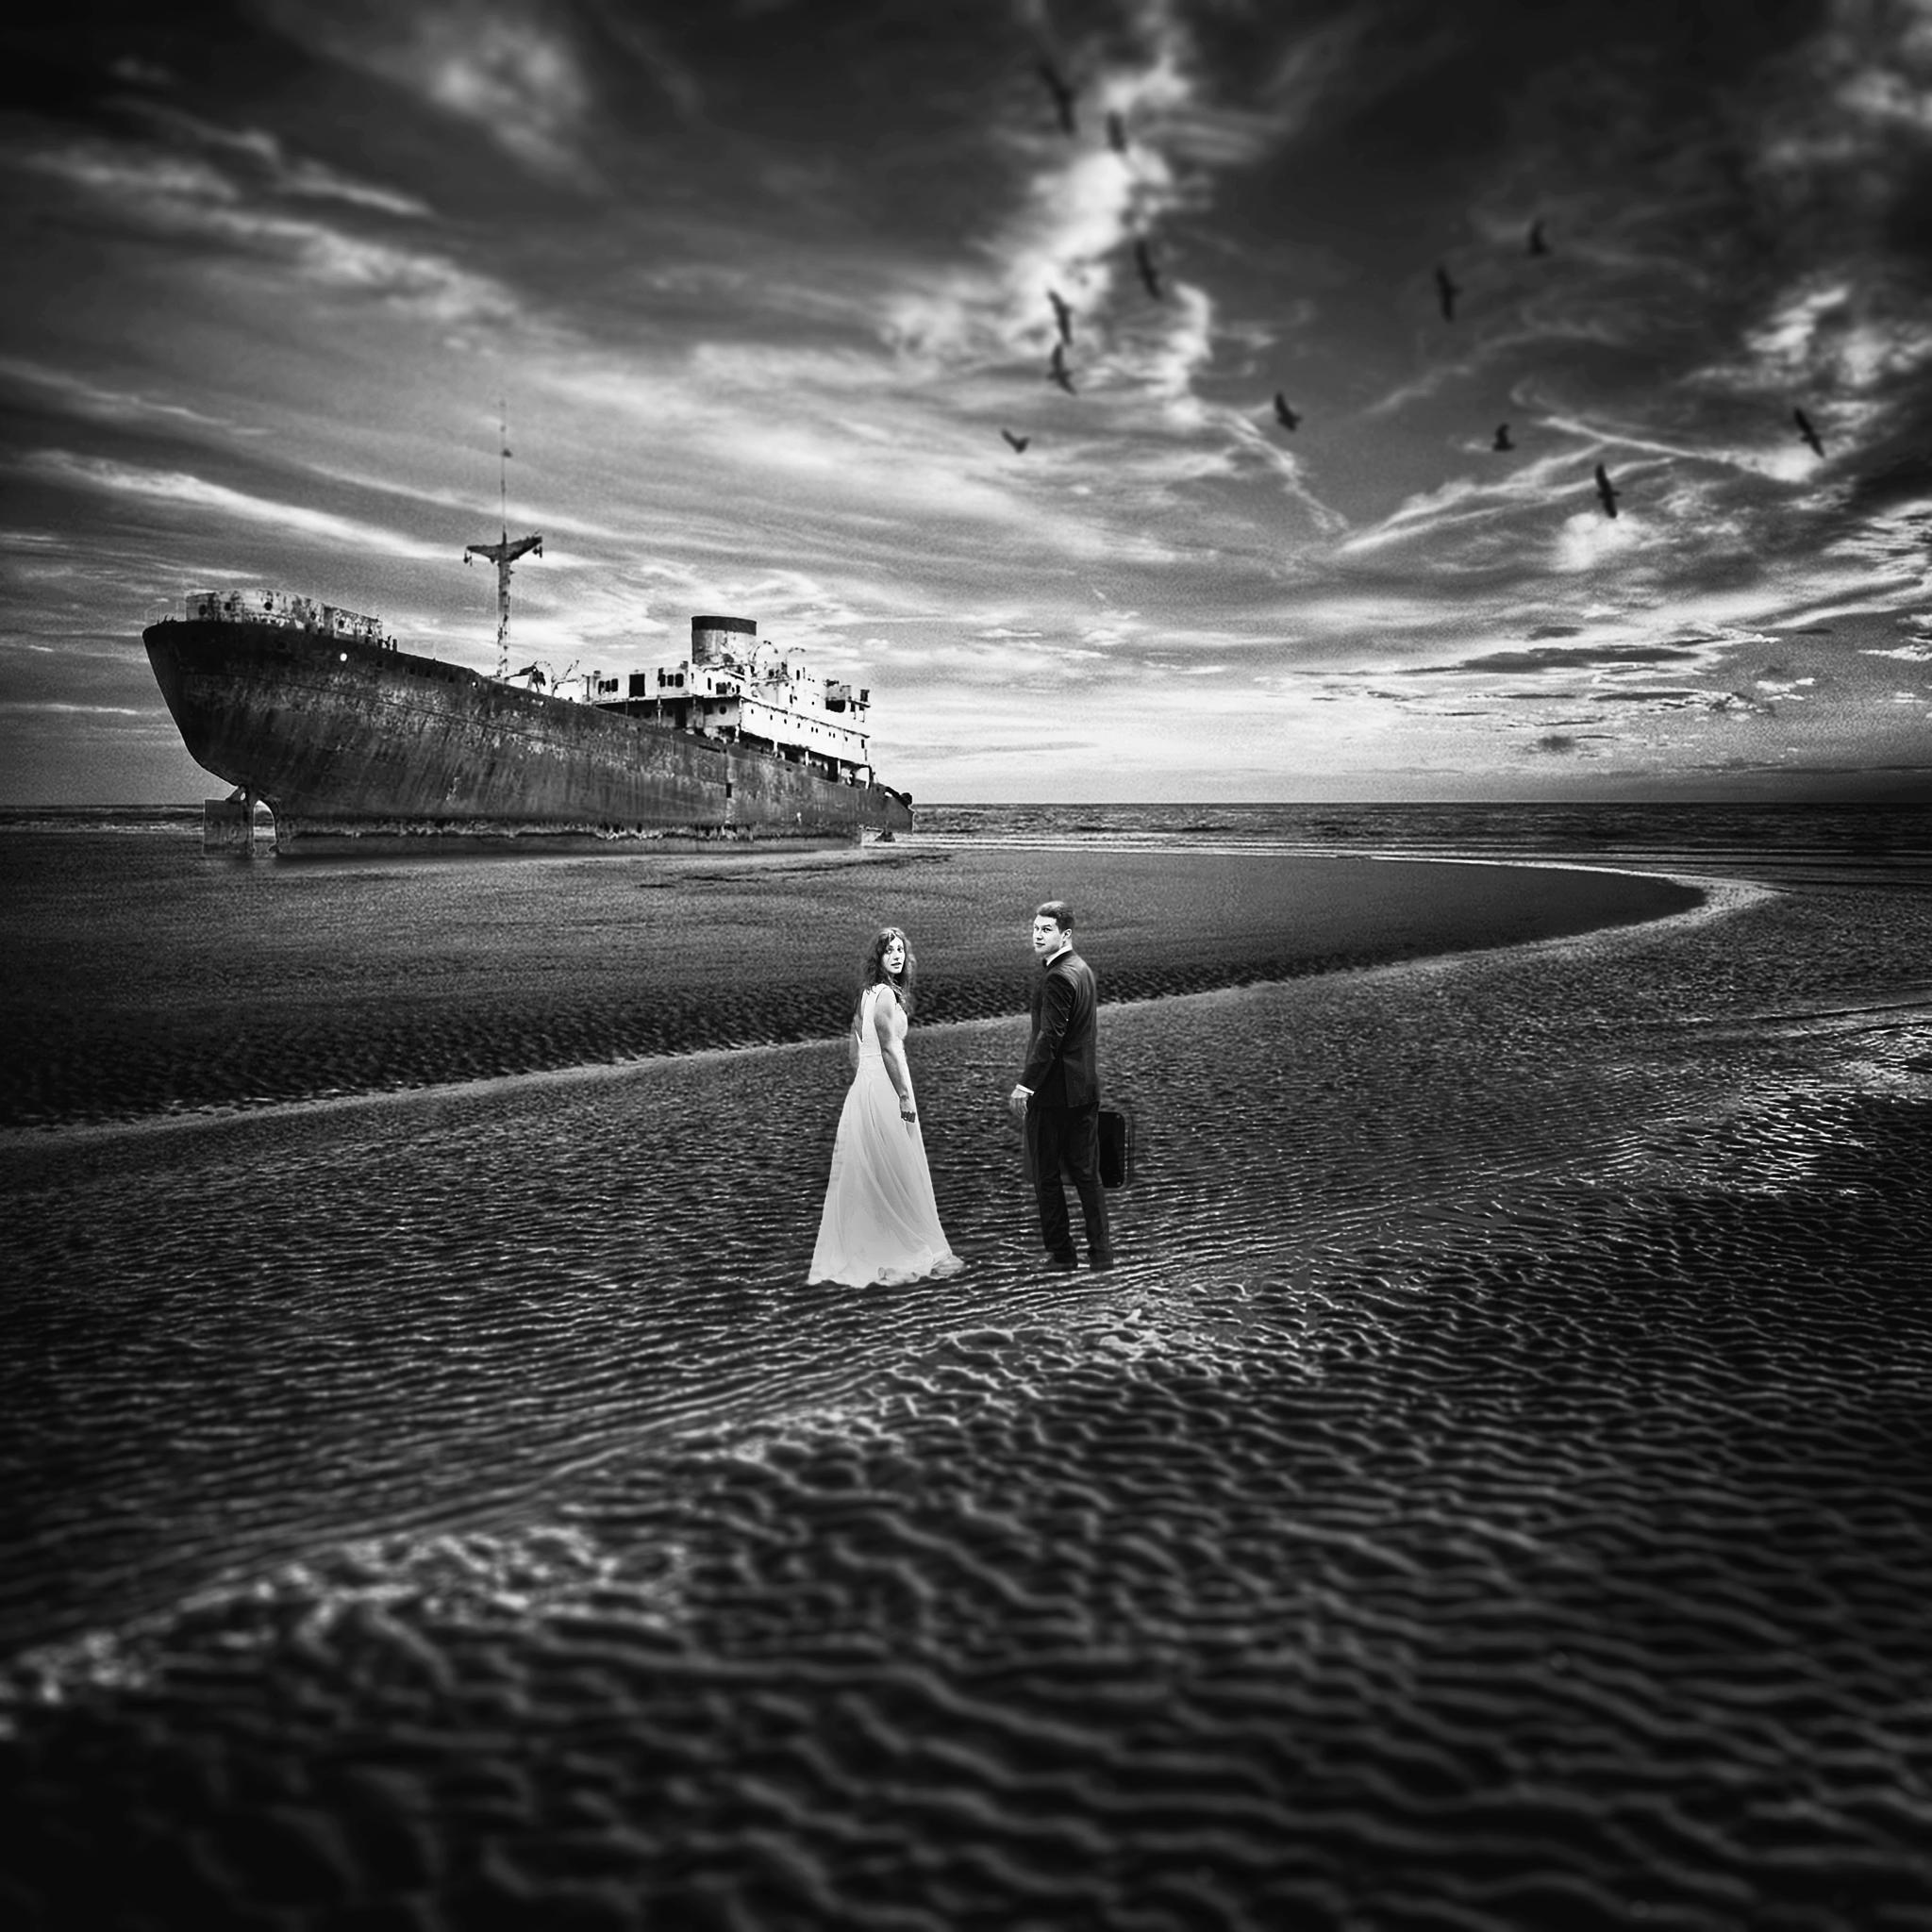 emigration ... by R. Kruglinski